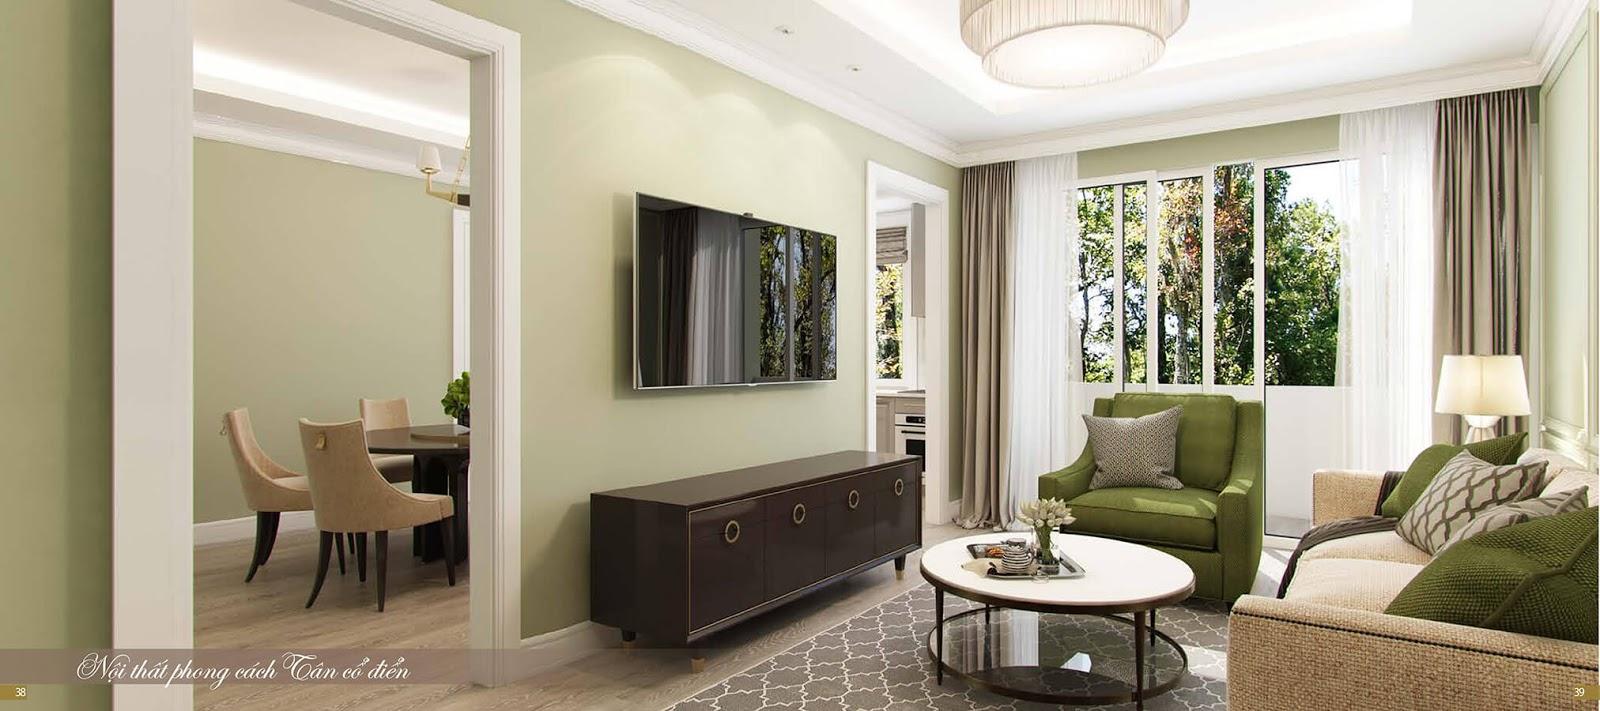 Thiết kế nội thất tân cổ điển tại dự án chung cư Imperia Sky Garden 423 Minh Khai